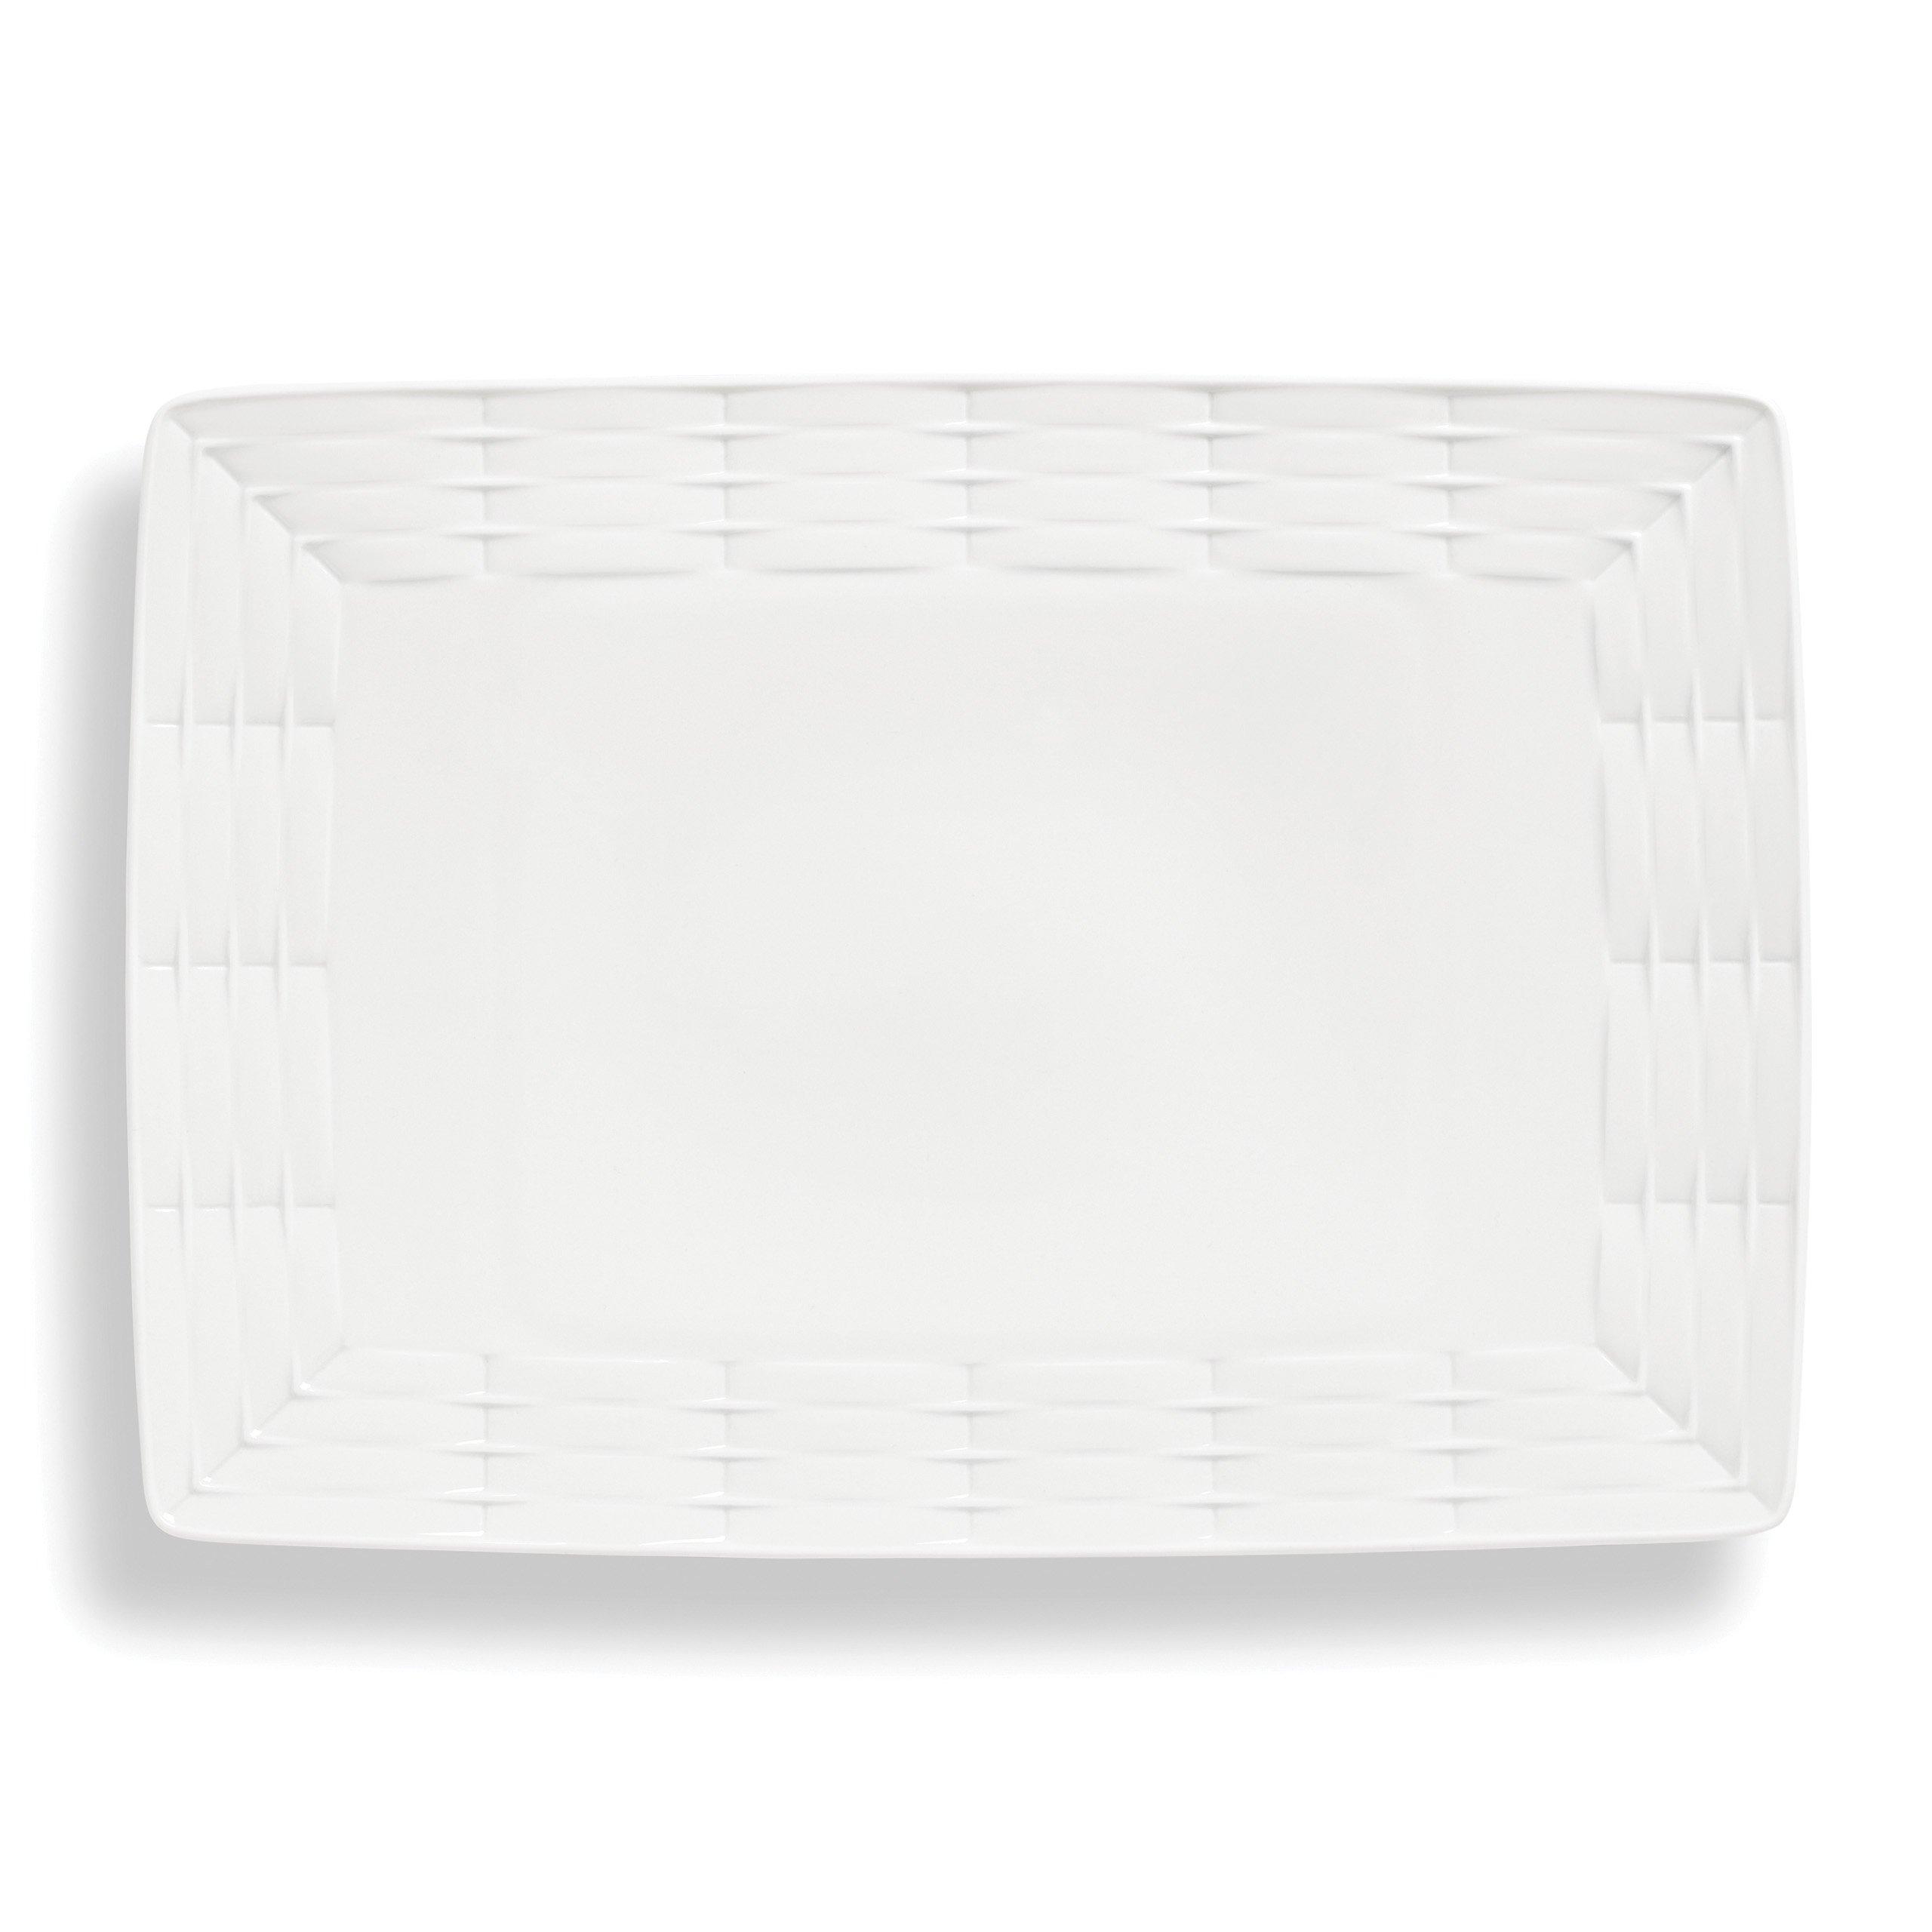 Lenox Entertain 365 Sculpture Oversized Platter, White